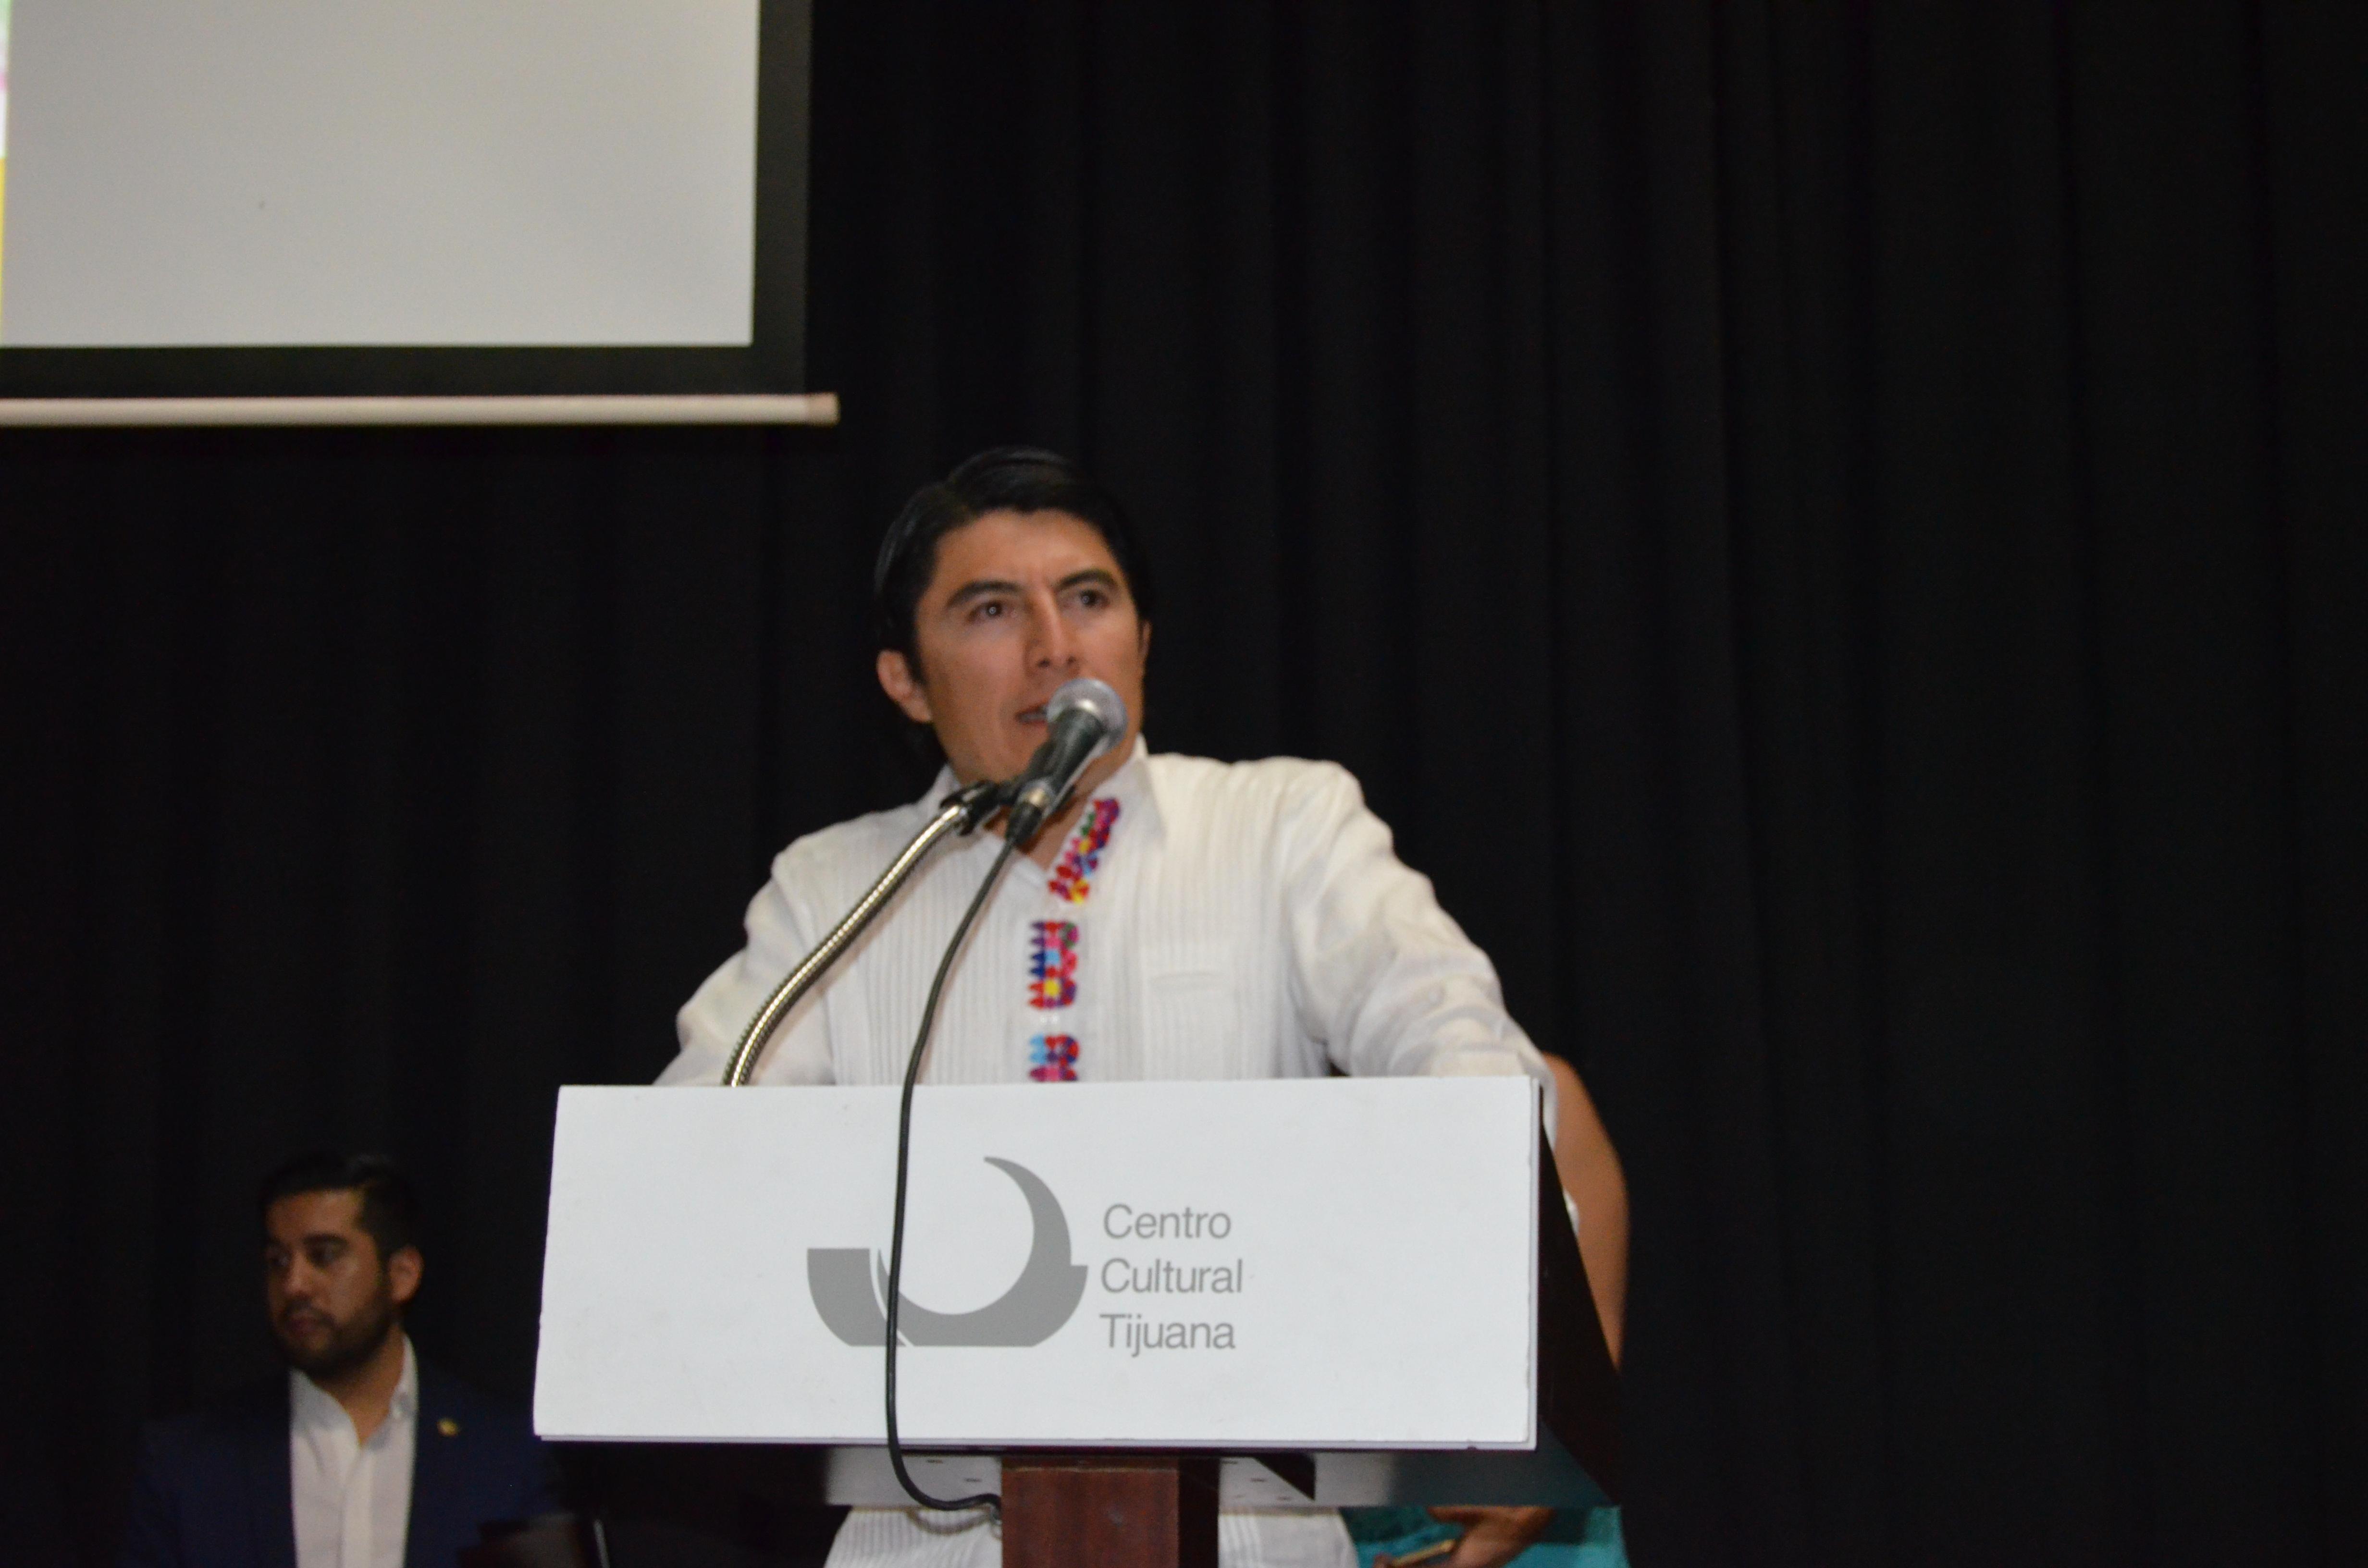 Ceibario_(Premio_Nacional_de_Poesía_Tiju